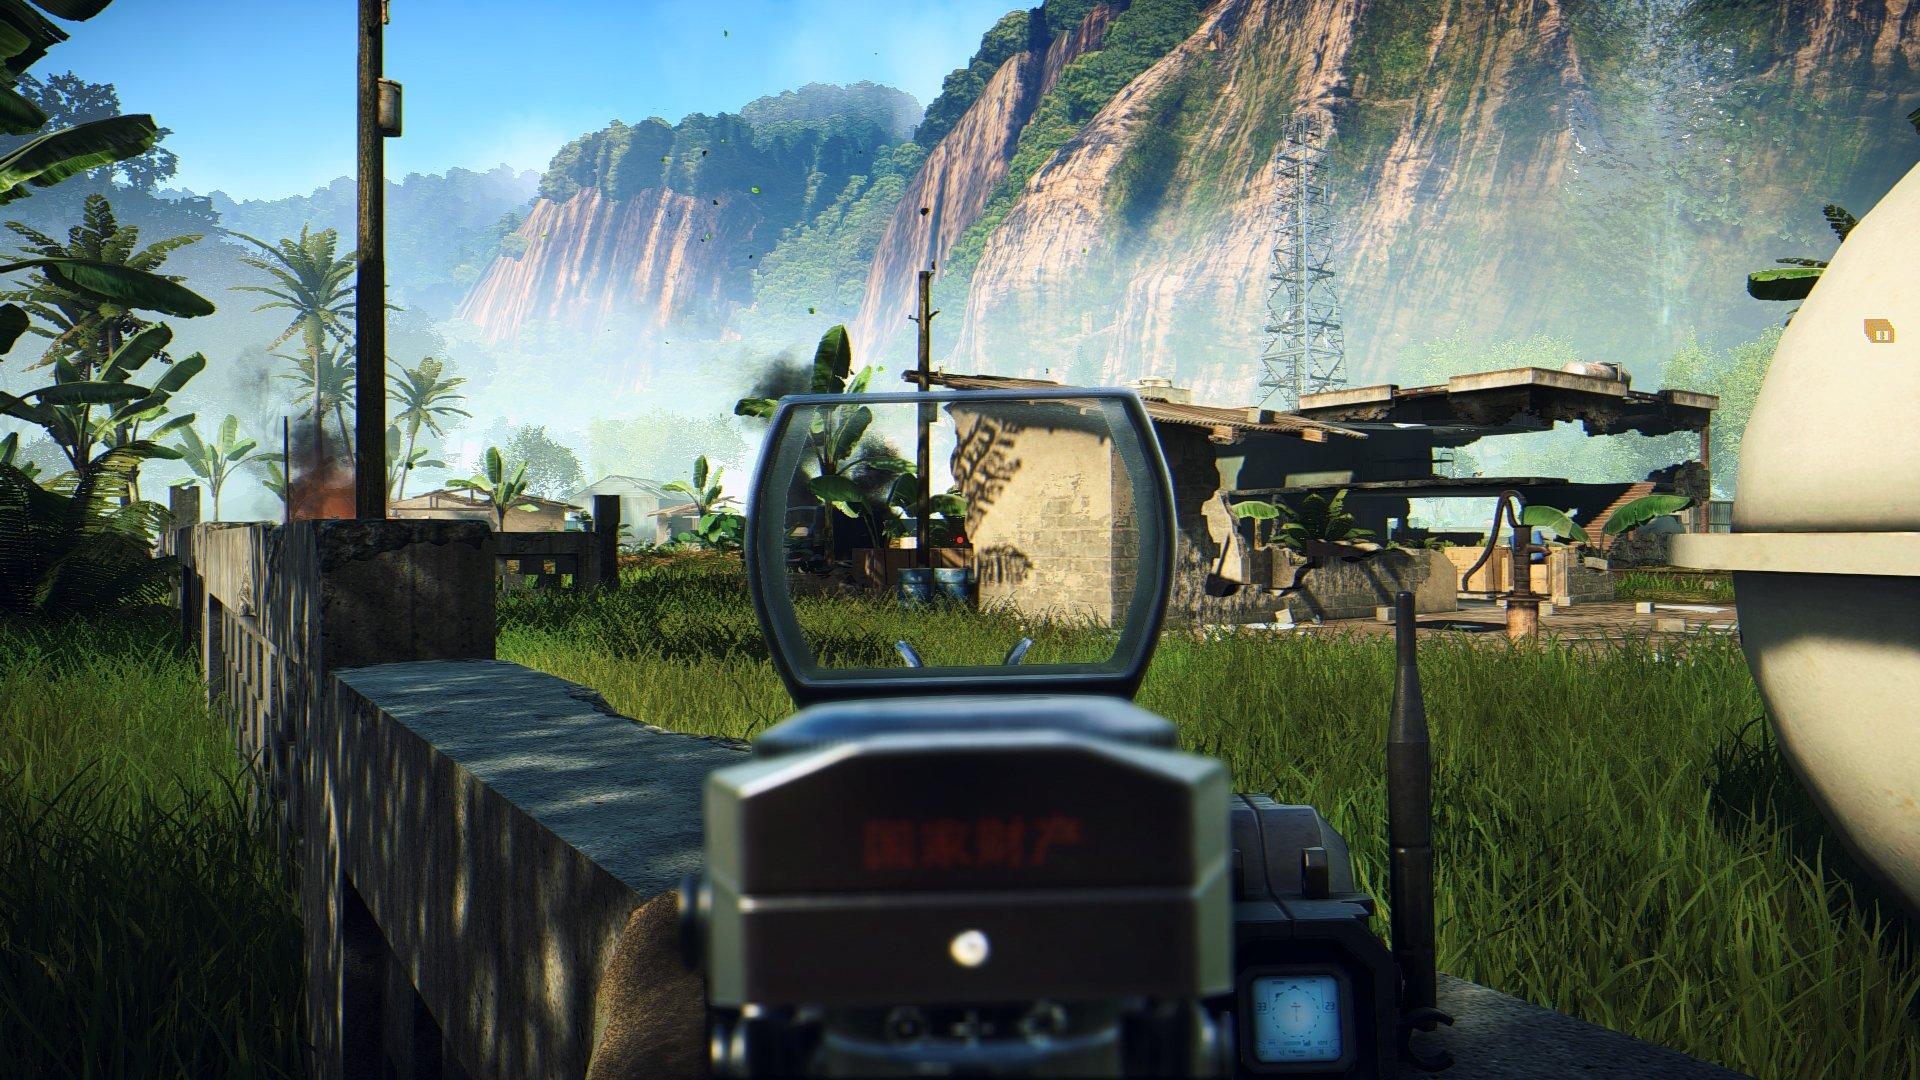 Карта сообщества Battlefield 4 - Изображение 14